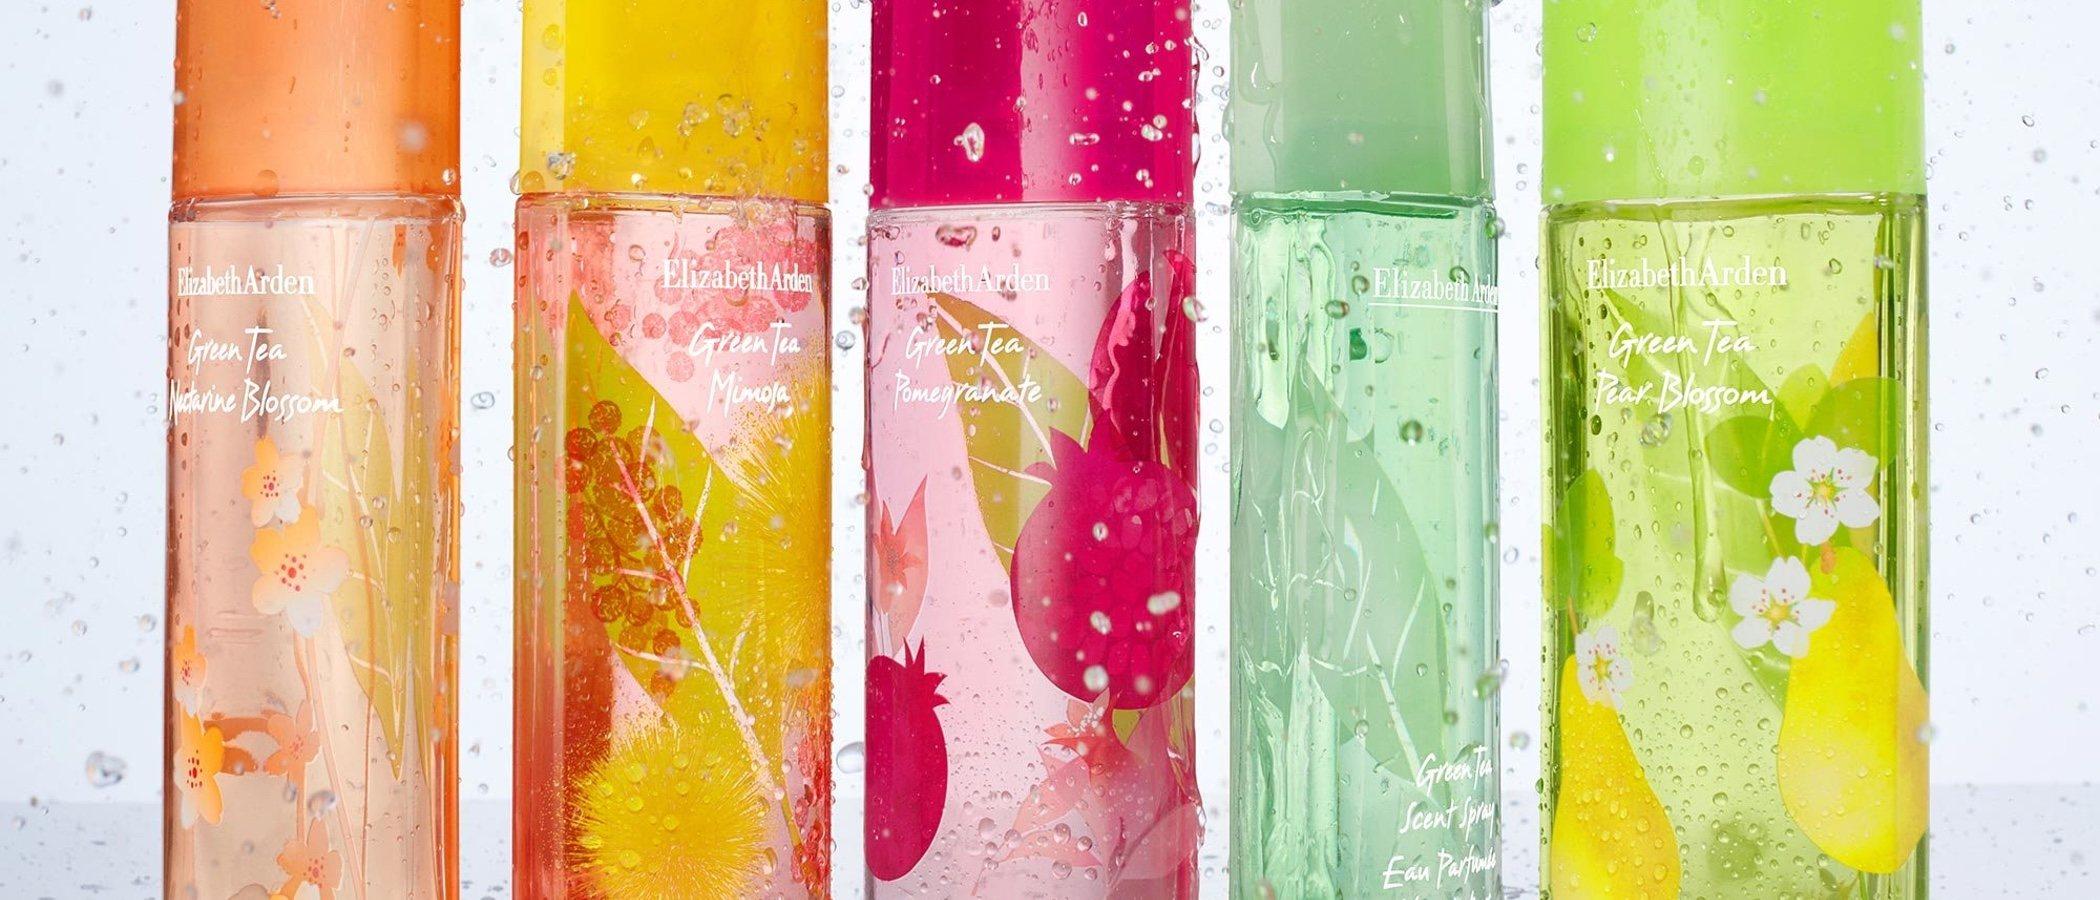 Elizabeth Arden lanza 'Pear Blossom', la nueva fragancia de la colección 'Green Tea'